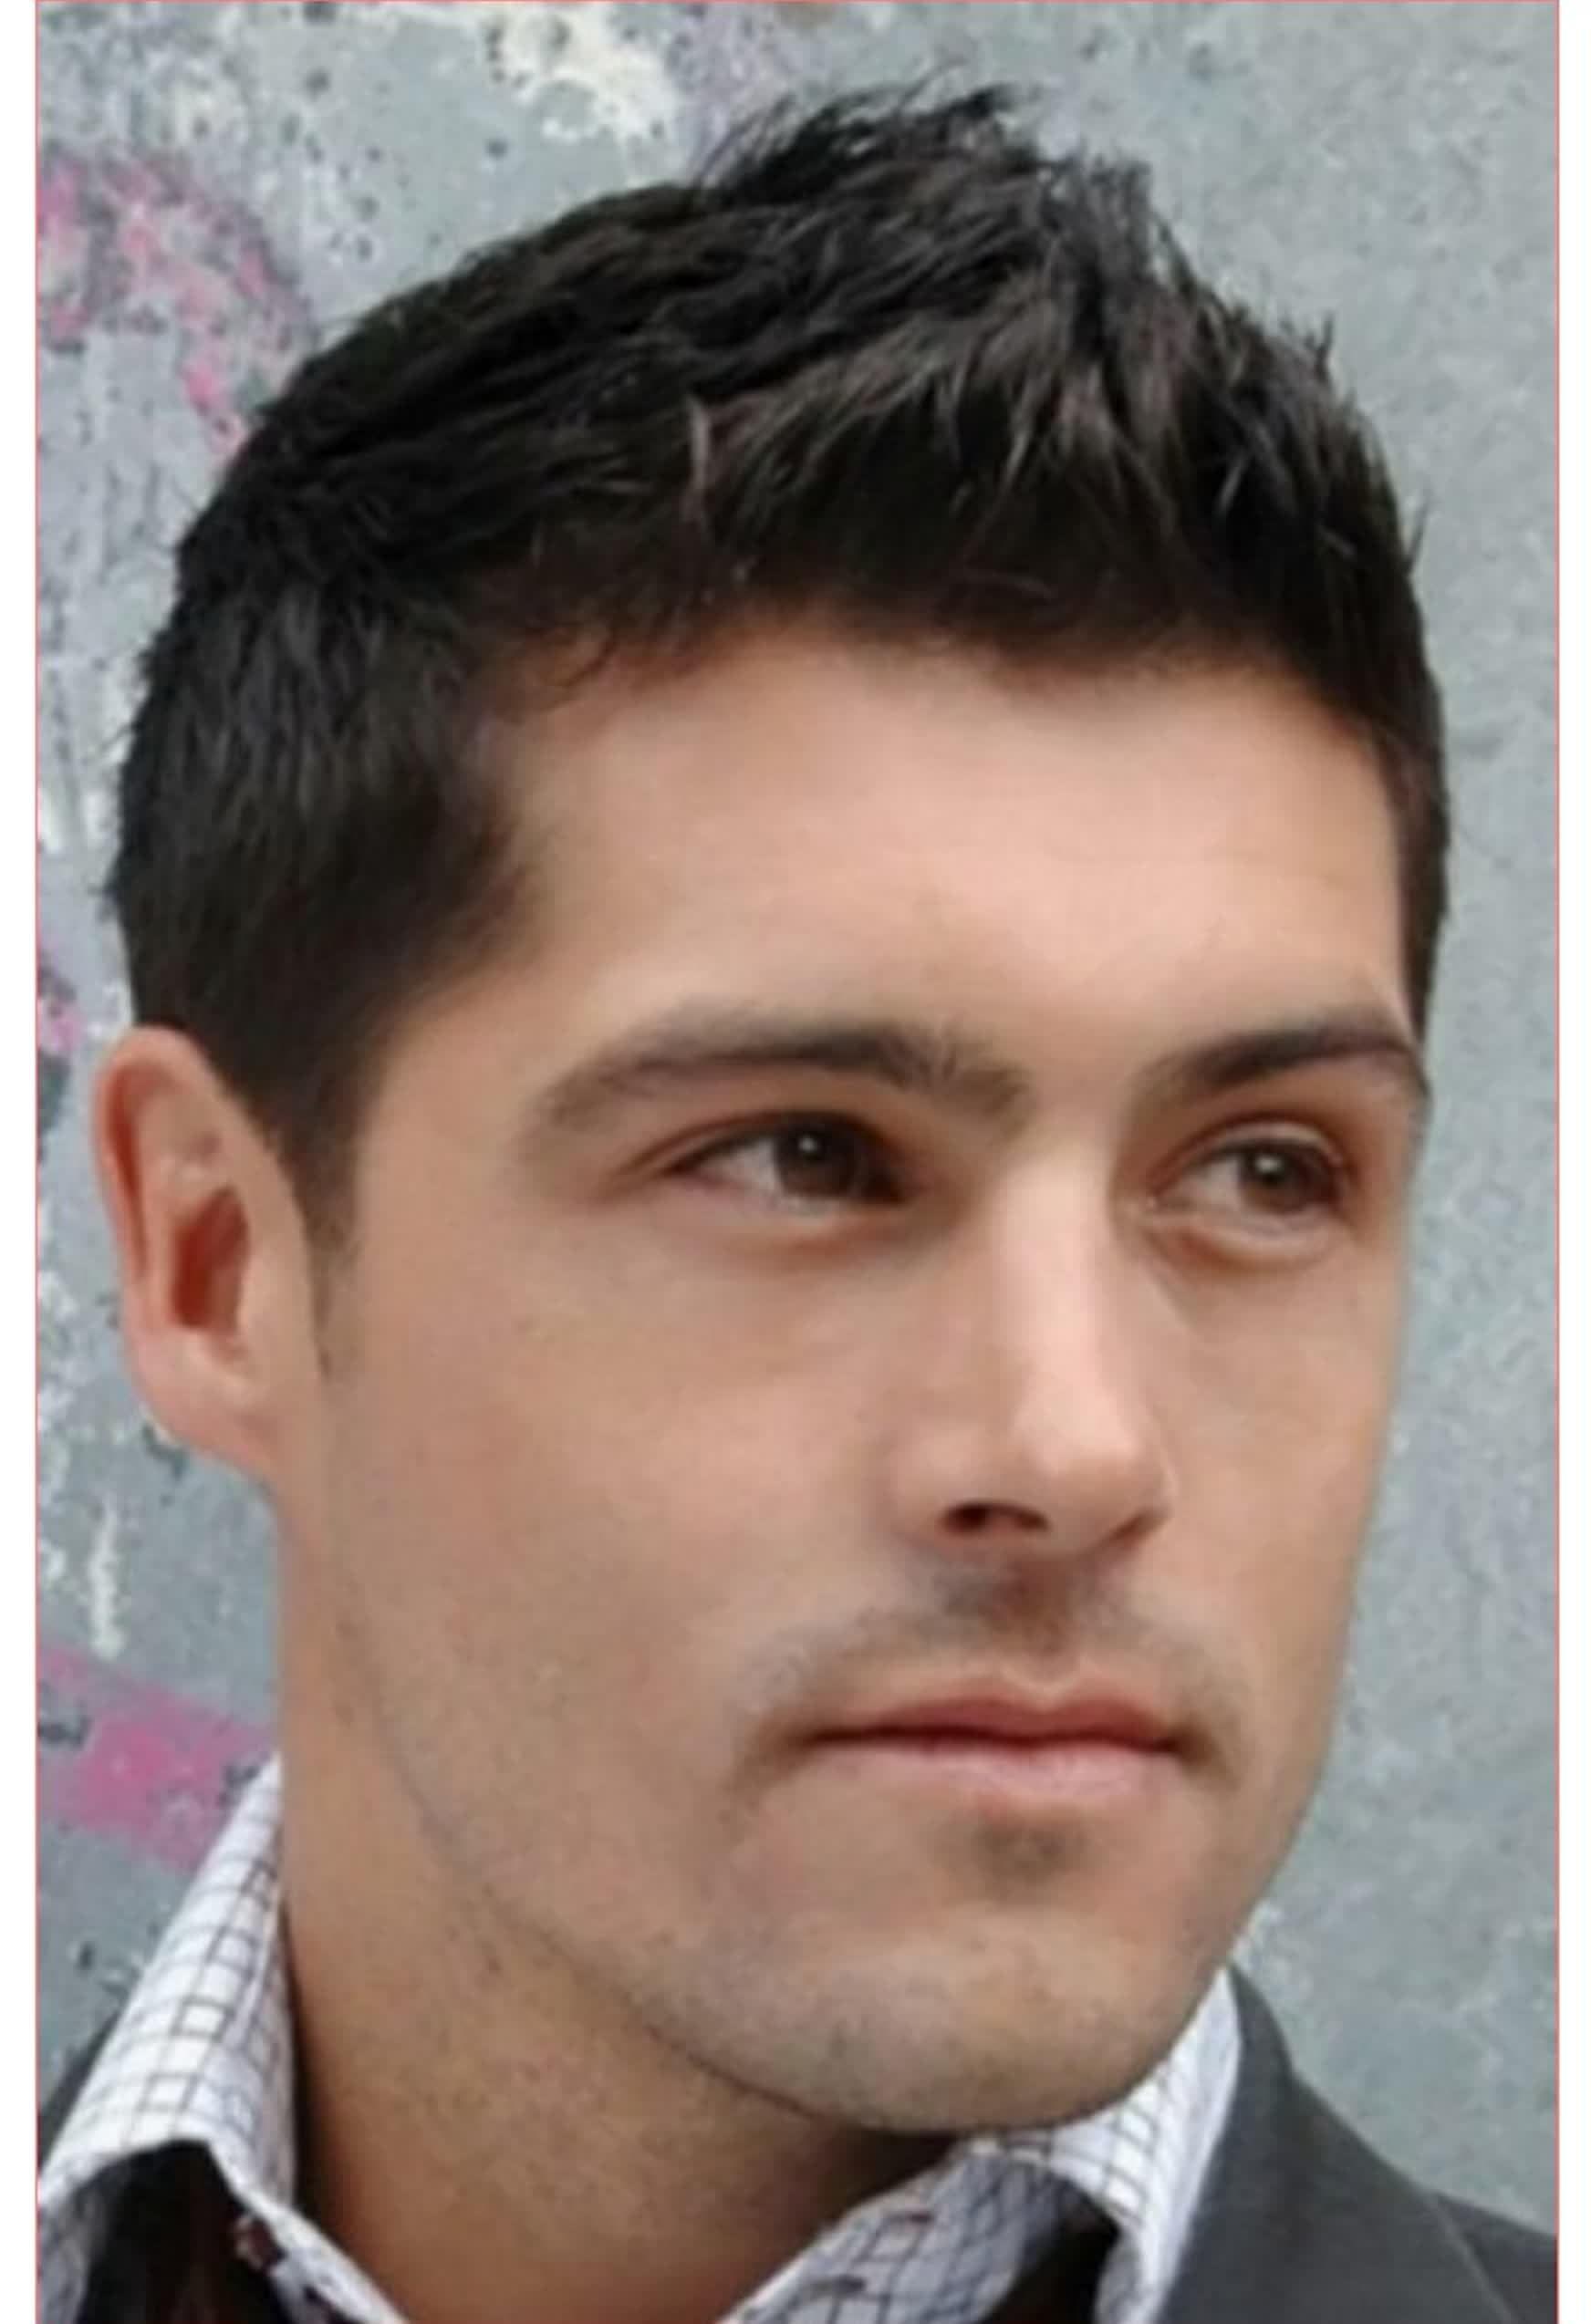 Der Frischen Männer Für Rundes Gesicht Neue Haare Frisuren